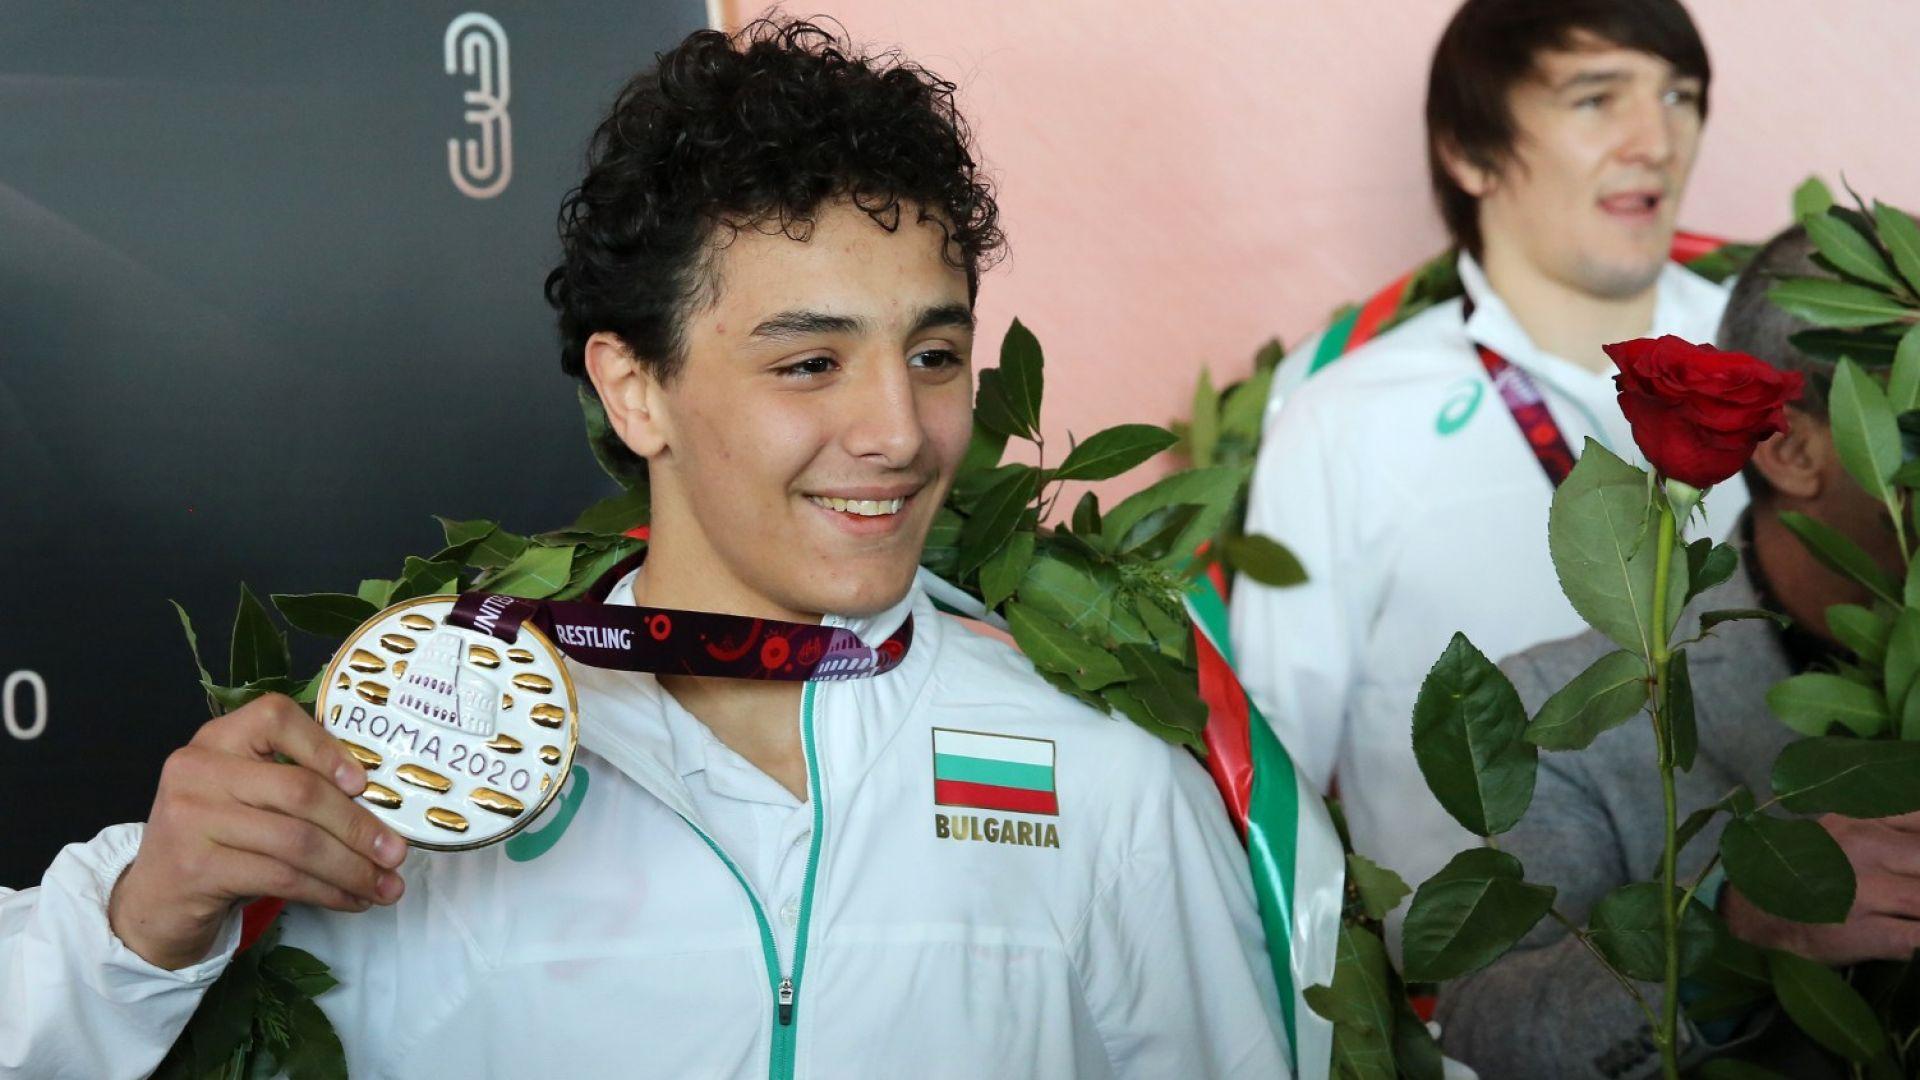 Едмонд Назарян: Тръгвам за всяко състезание с мисълта да съм шампион